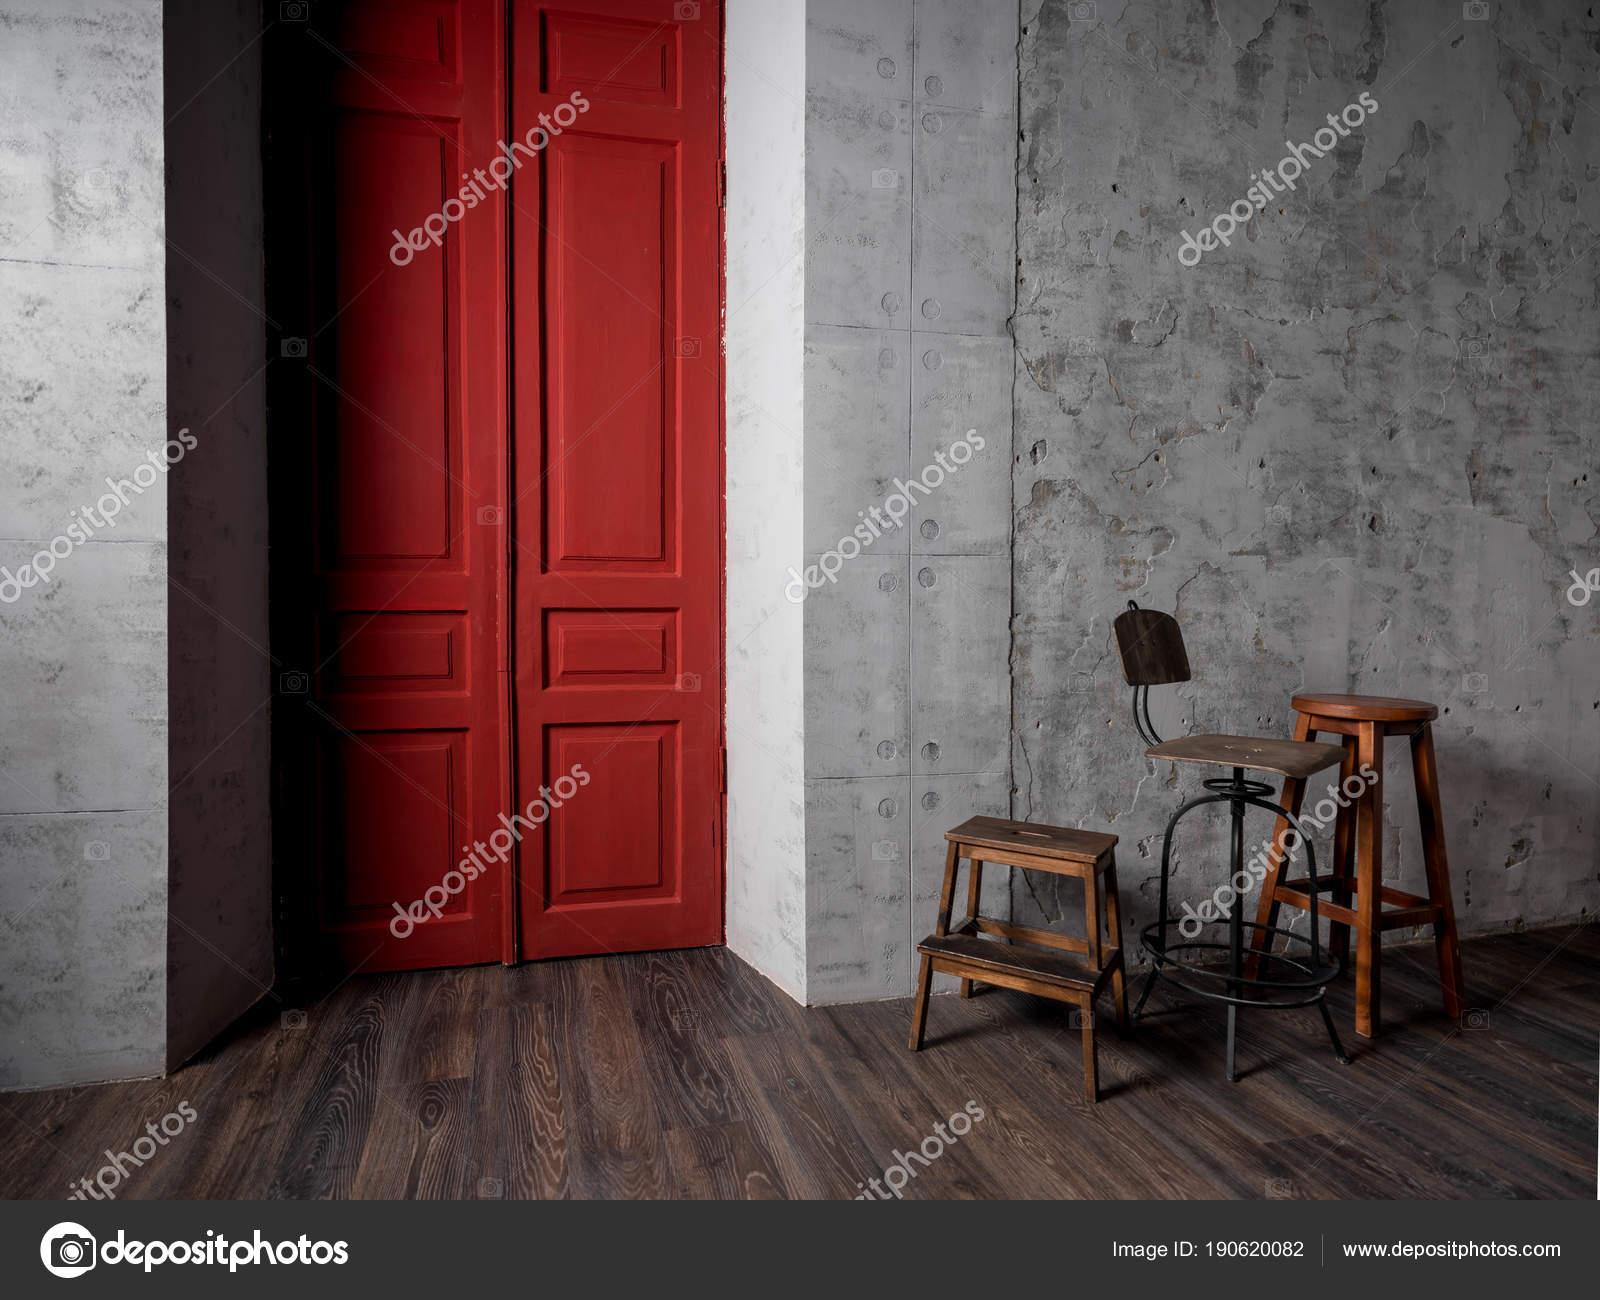 Chaises Bois Vintage Chambre Avec Mur Béton Gris Porte Rouge ...